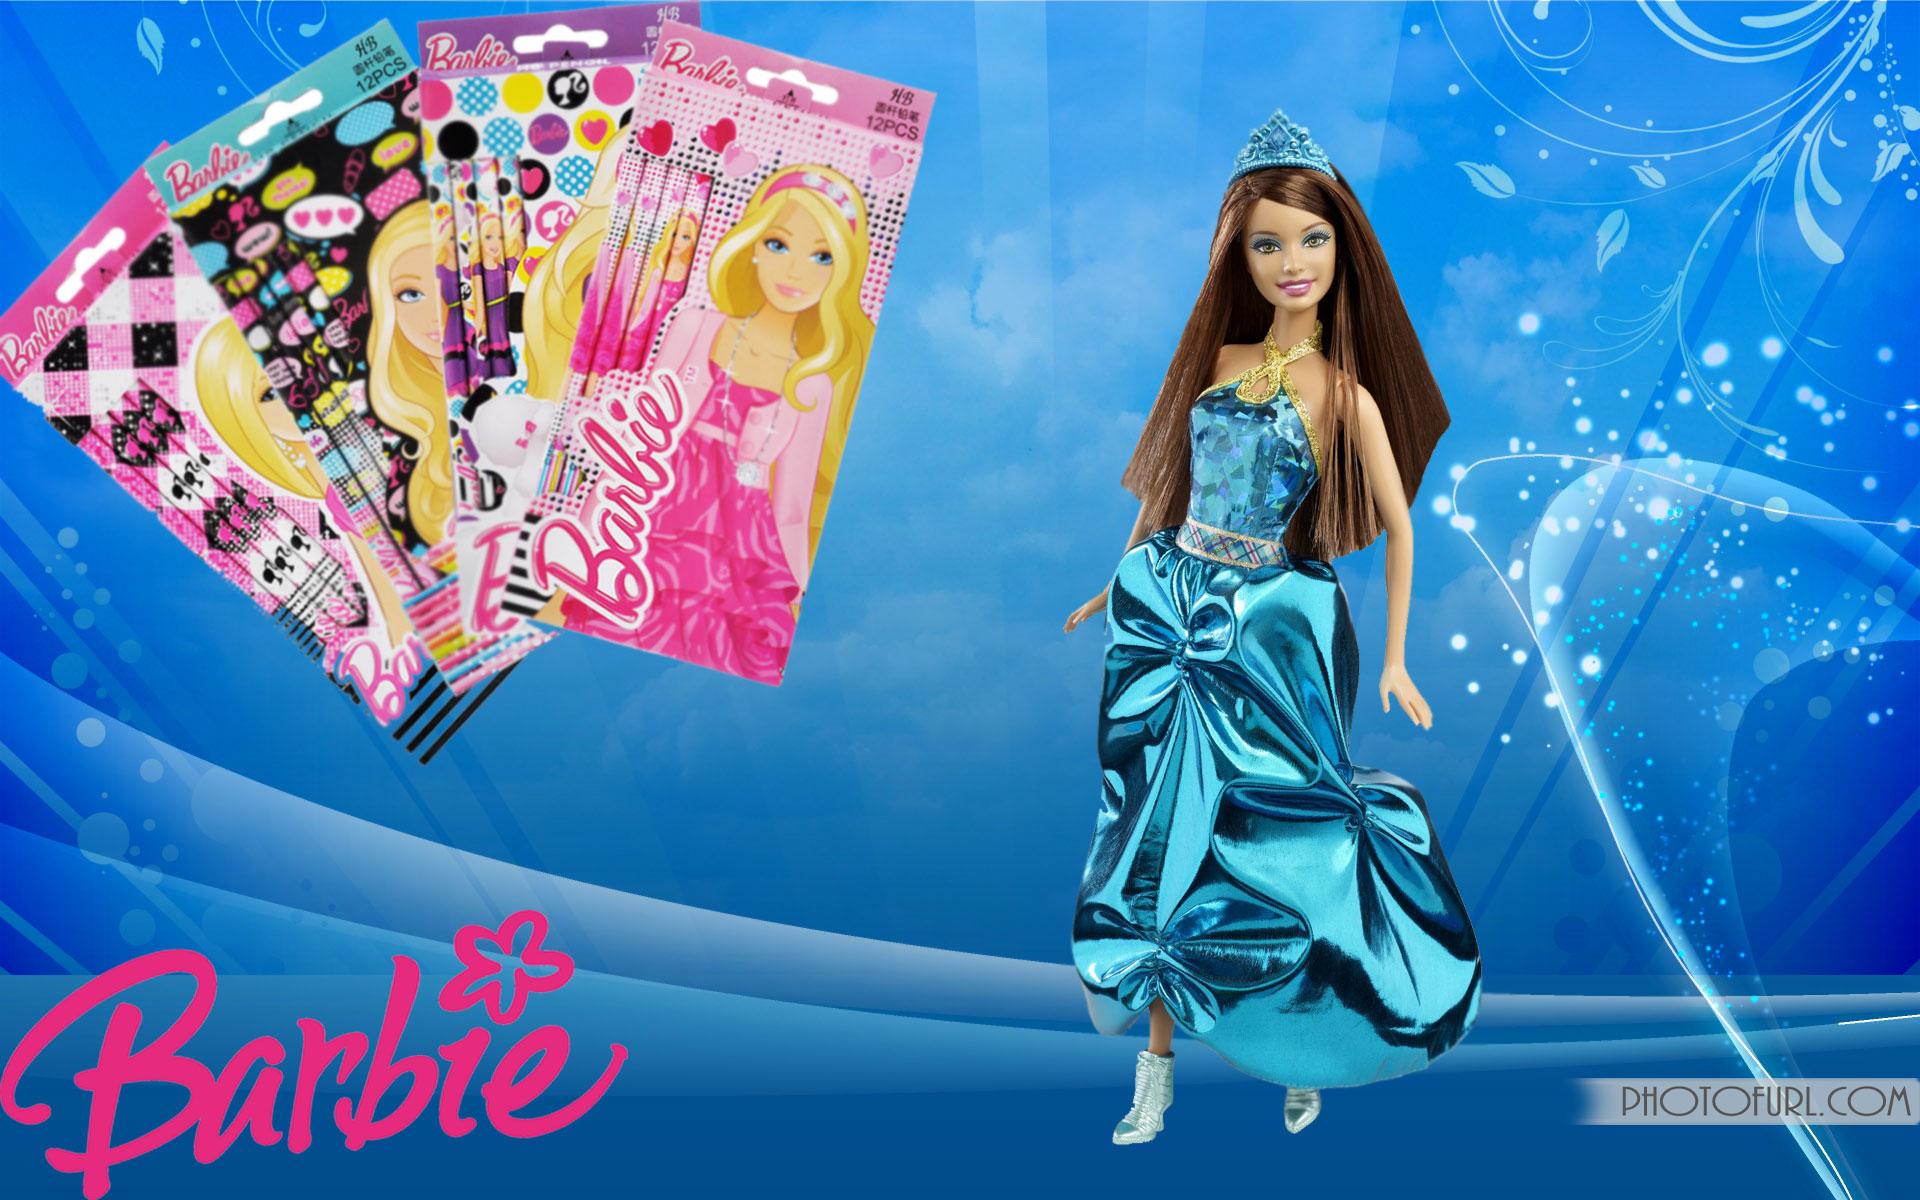 wallpapers barbie wallpapers barbie xpx wallpapers barbie 1920x1200